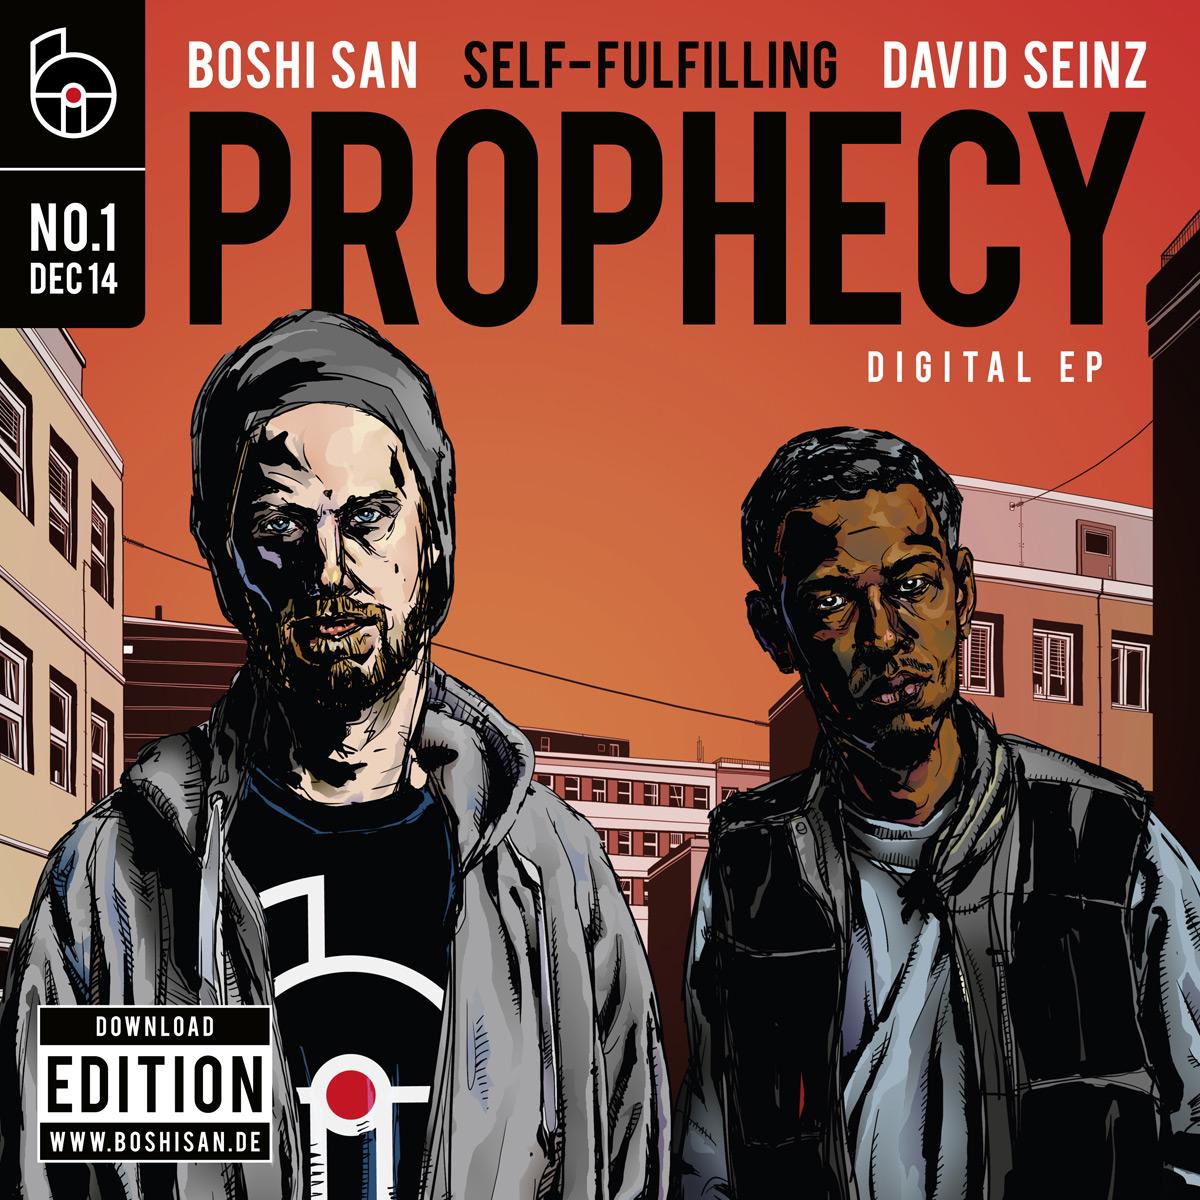 """Cover-Illustration für die Digital-EP """"Self-Fulfilling Prophecy"""" von Boshi San und David Seinz"""